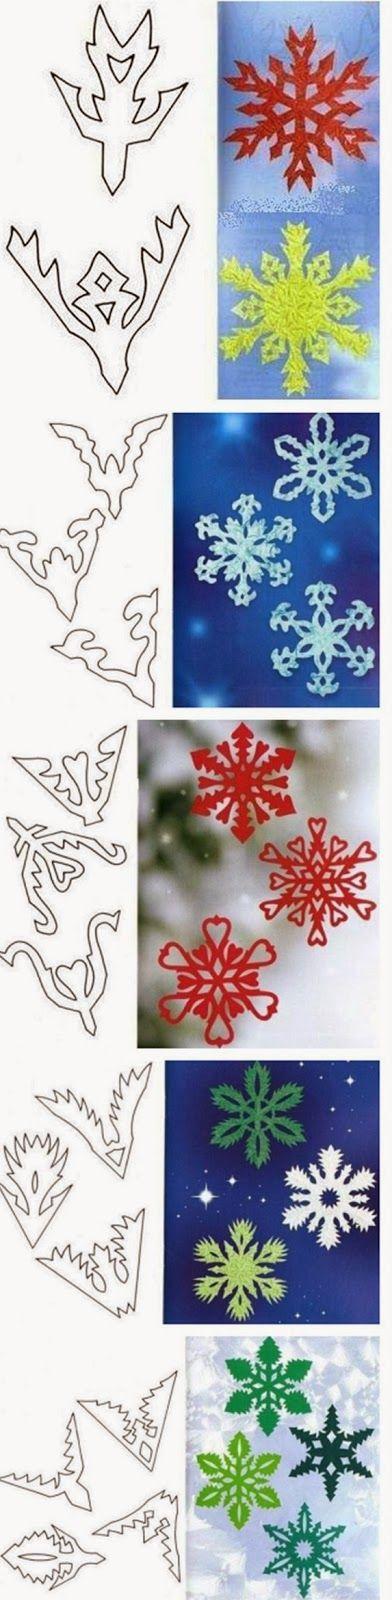 Ideas y material gratis para fiestas y celebraciones Oh My Fiesta!: Tutorial para hacer bellos copos de nieve, de papel. Con 34 Plantillas.